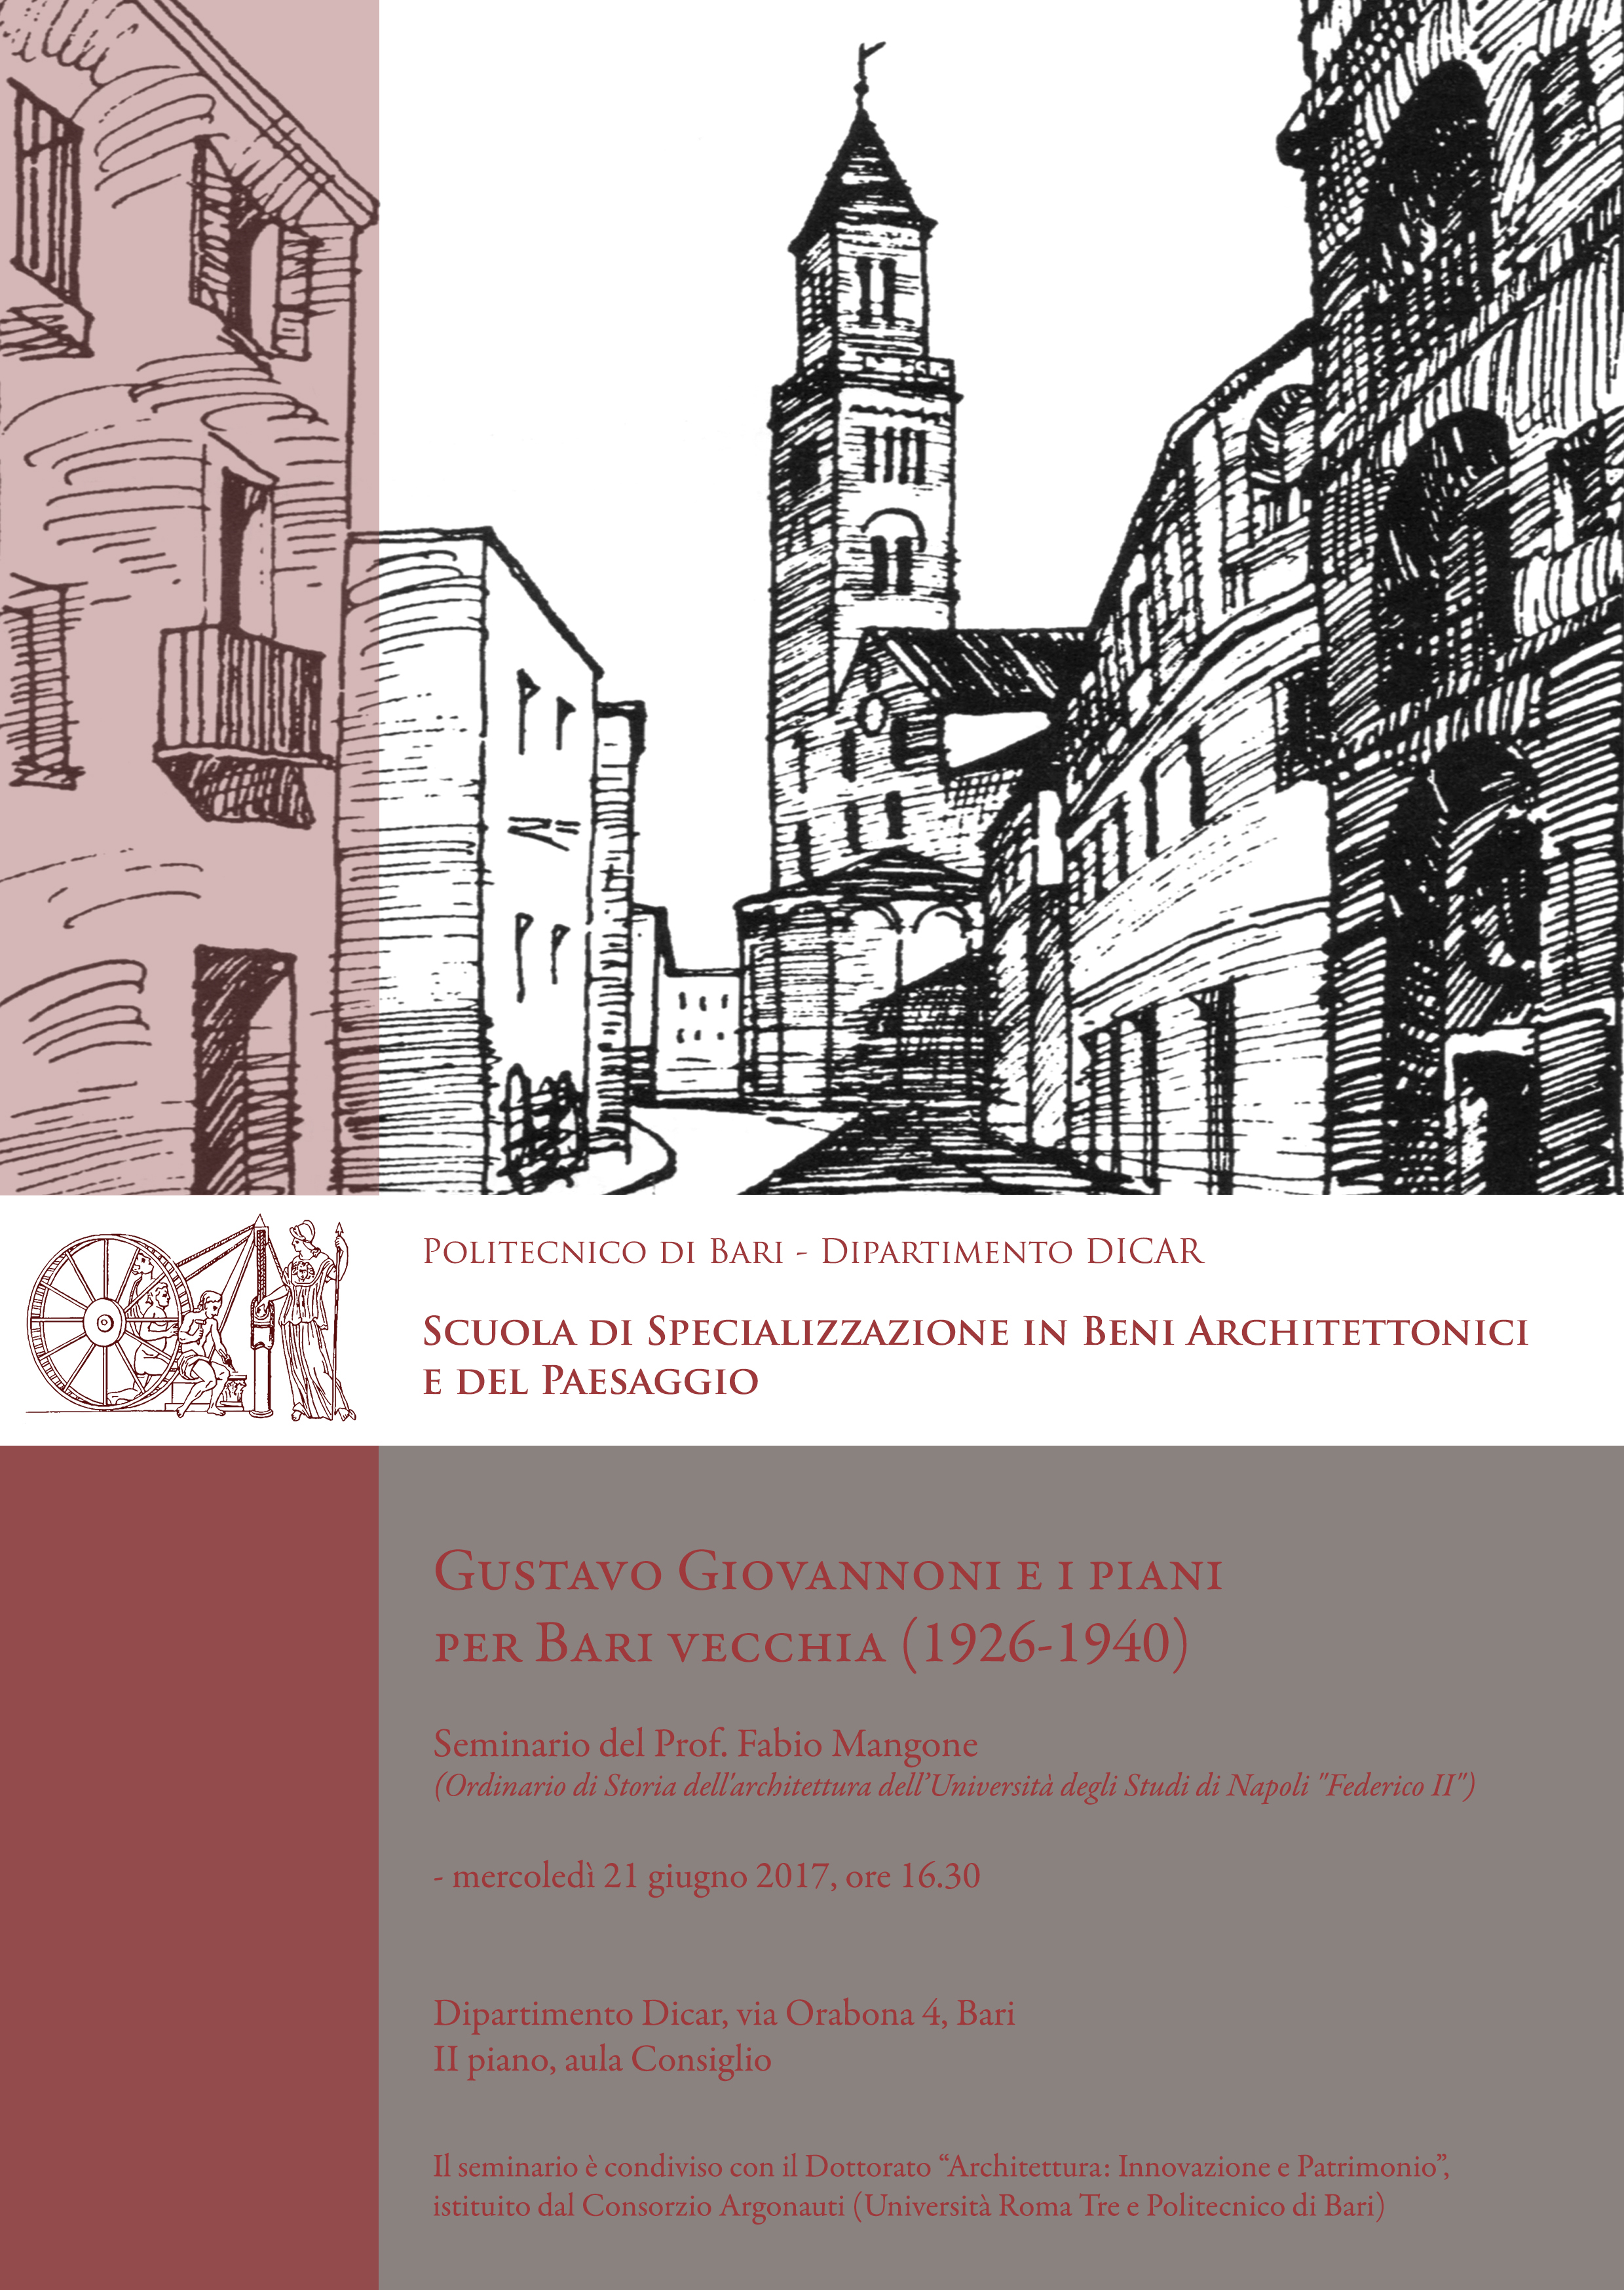 Scuola Di Restauro Roma.News Pagina 34 Scuola Di Specializzazione In Beni Architettonici